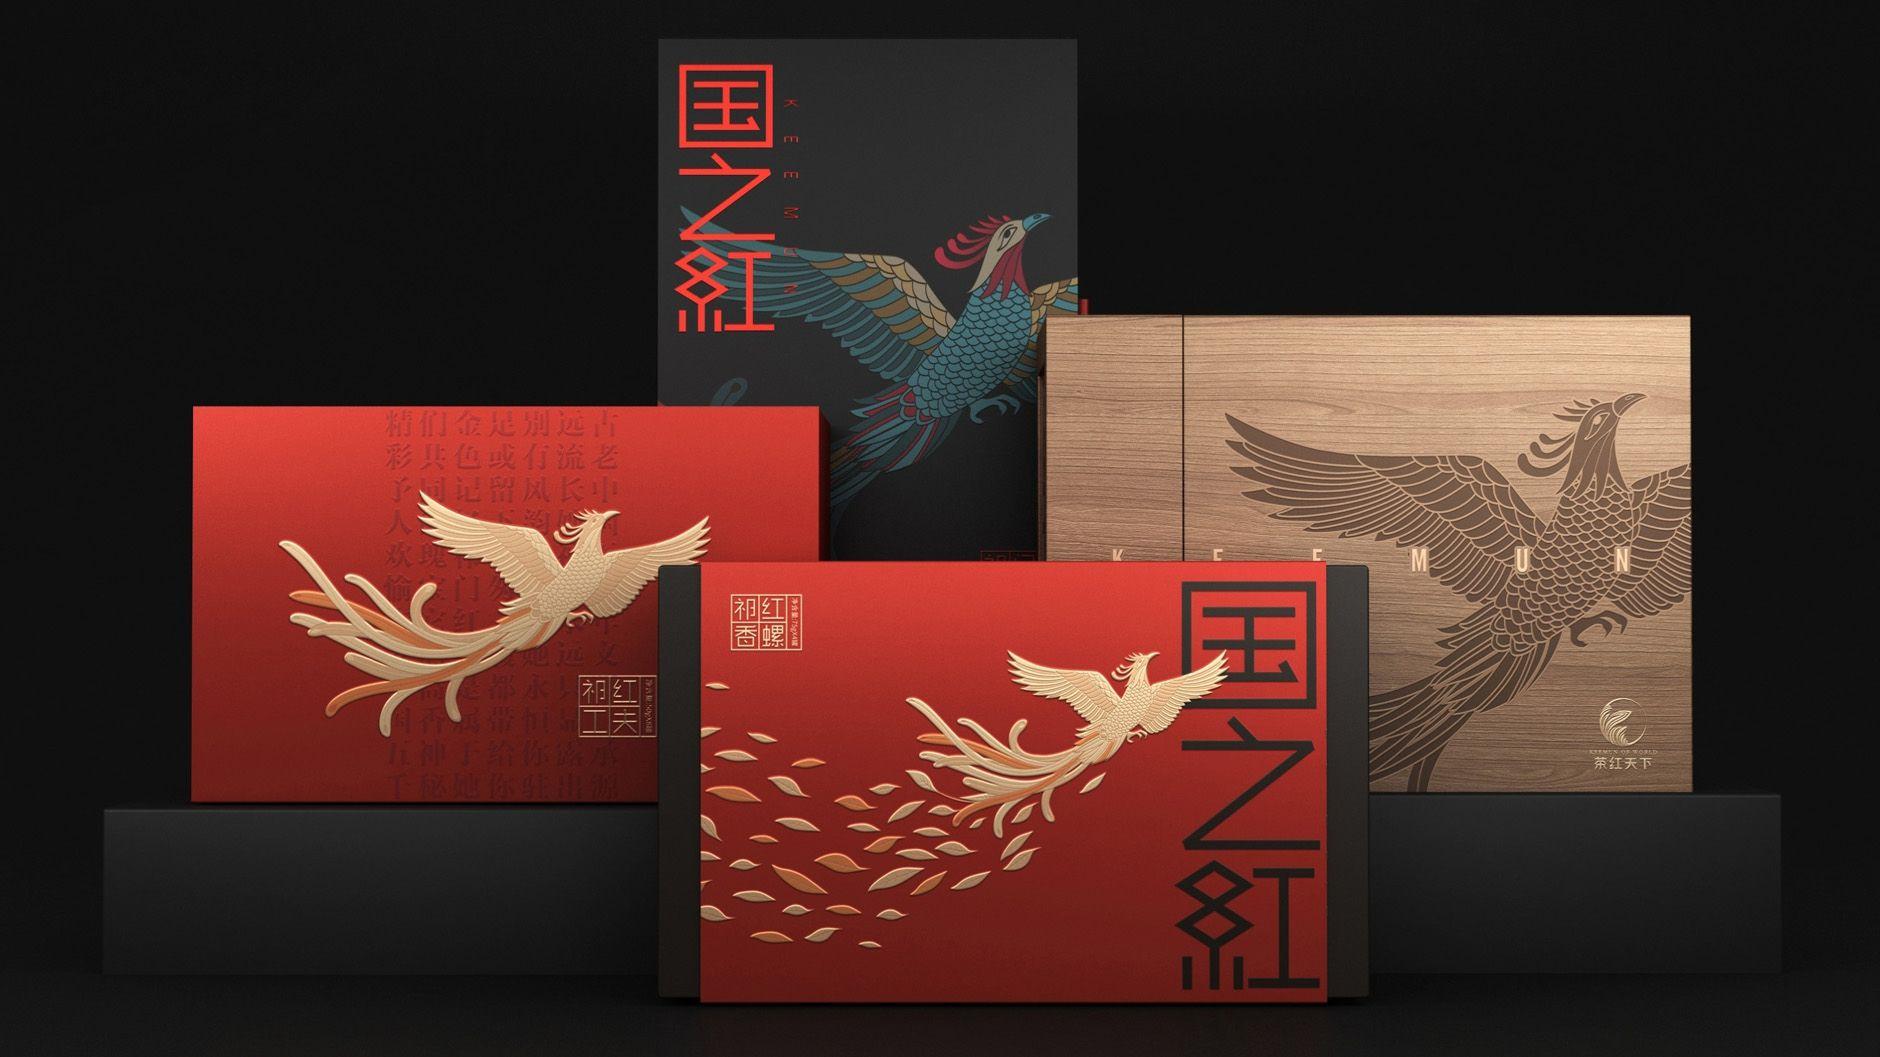 茶叶礼盒包装设计 高端茶叶包装设计 茶叶系列包装设计 飞特网 原创茶叶包装设计